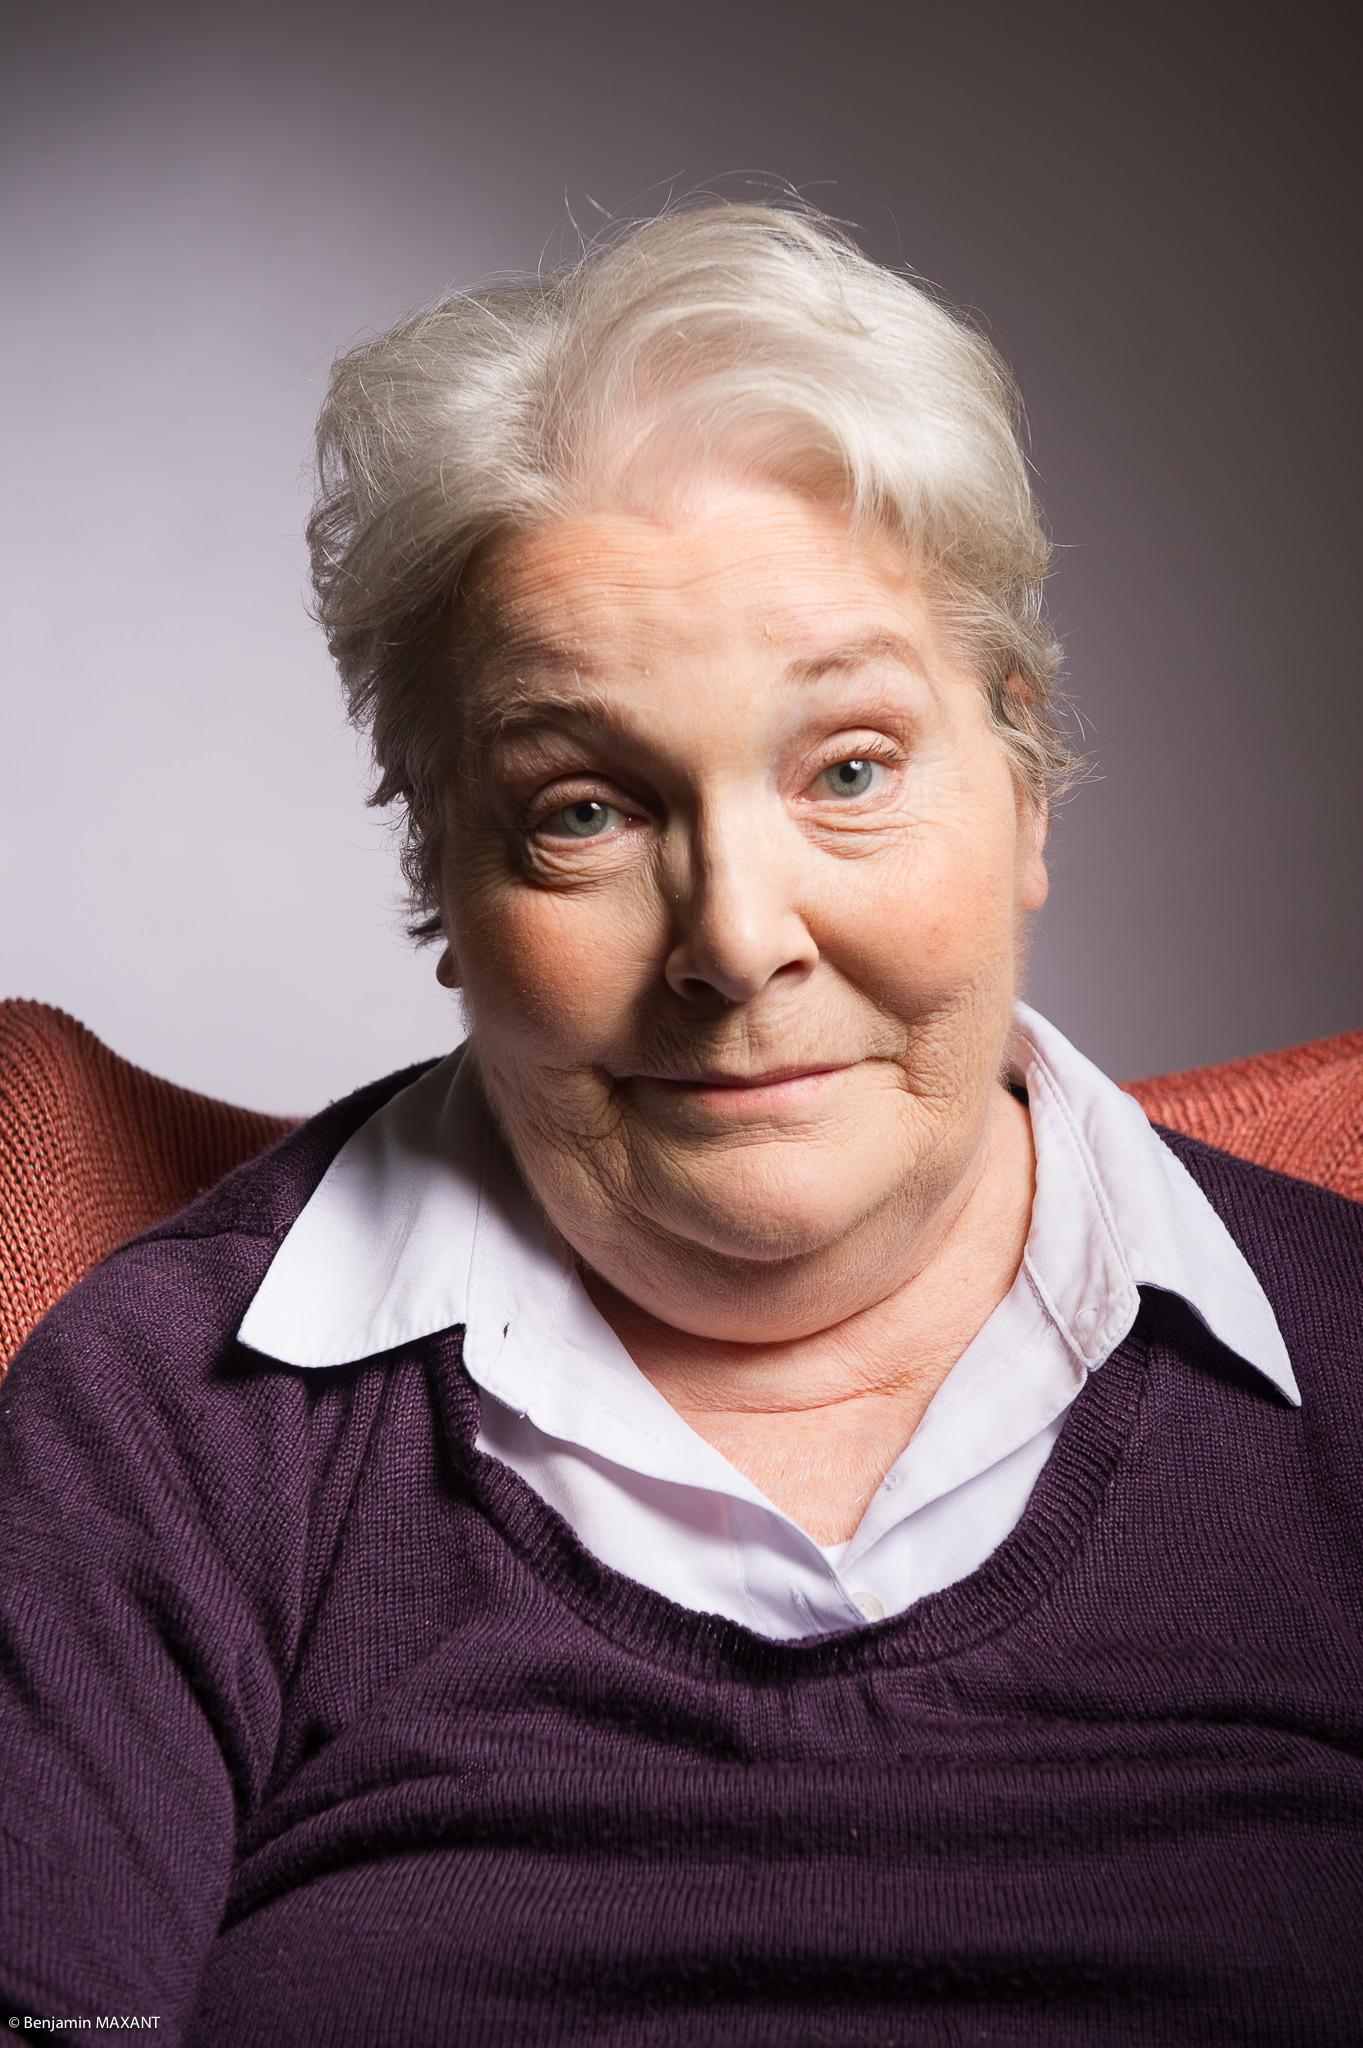 Portrait studio d'une personne âgée - femme chemise blanche